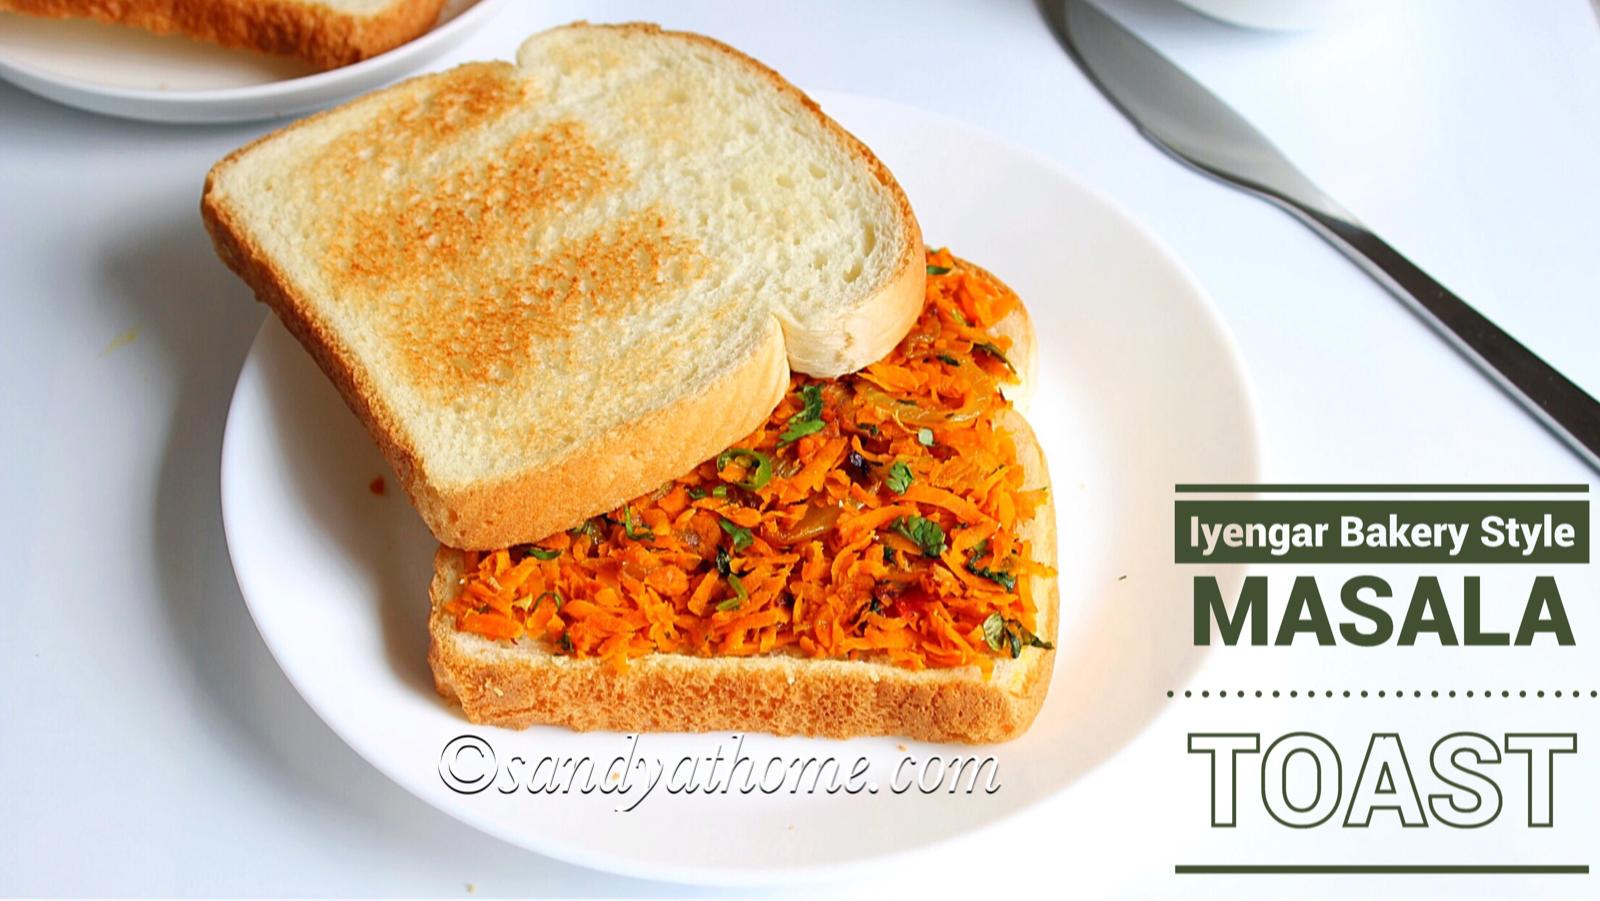 iyengar bakery style masala bread, masala toast, bangalore bakery sandwich